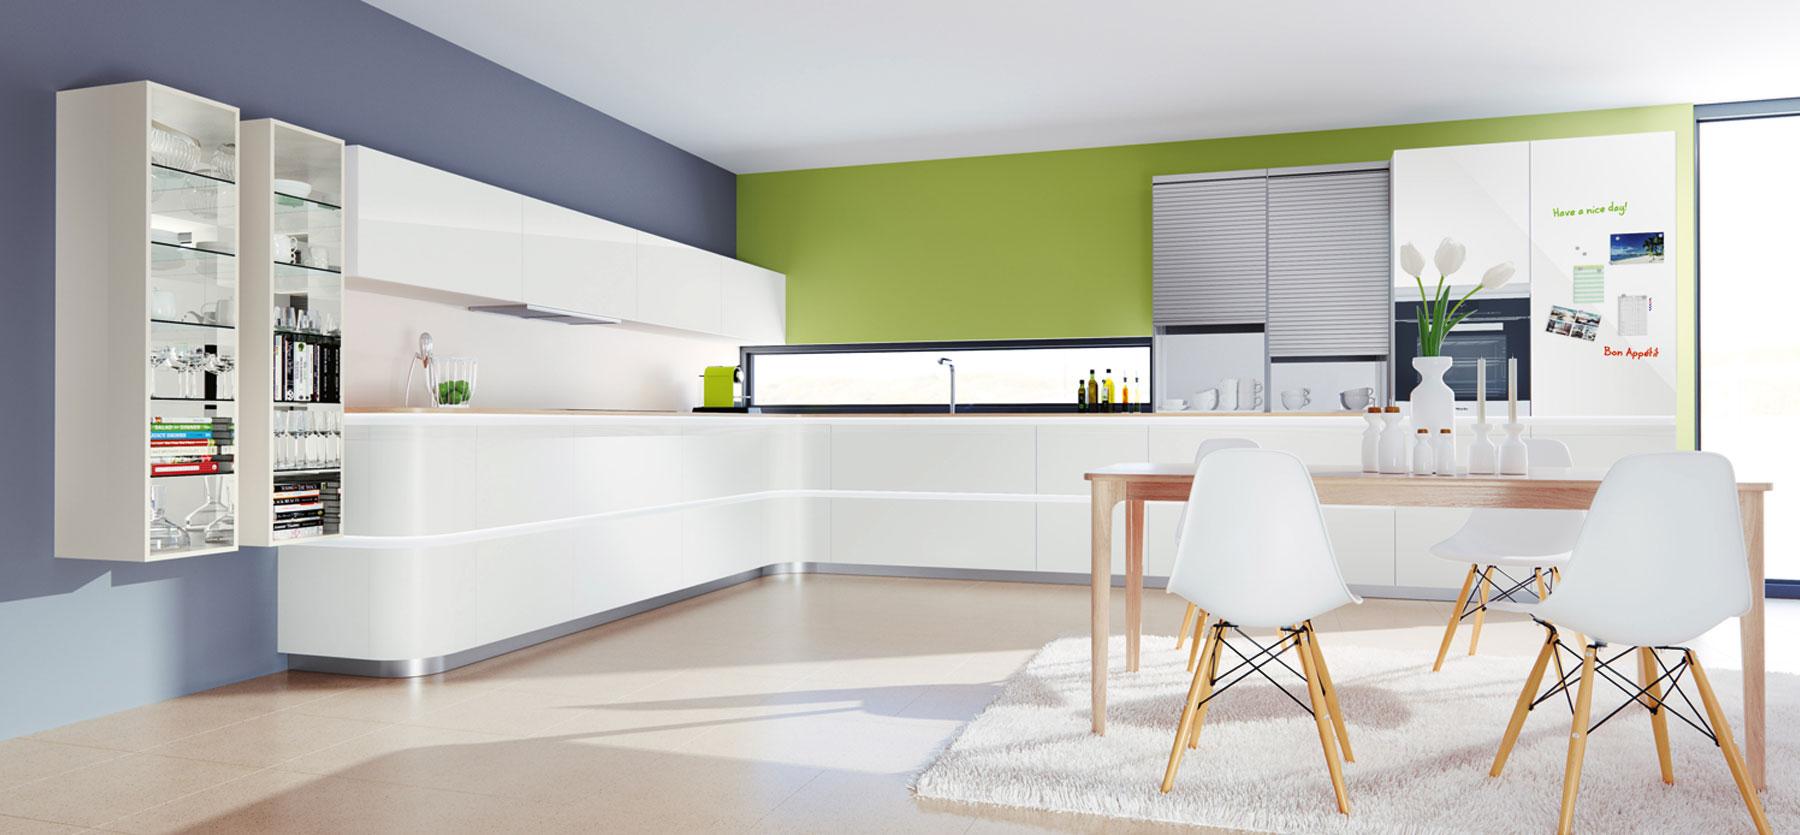 Niedlich Erstellen Virtueller Küche Ideen - Küche Set Ideen ...